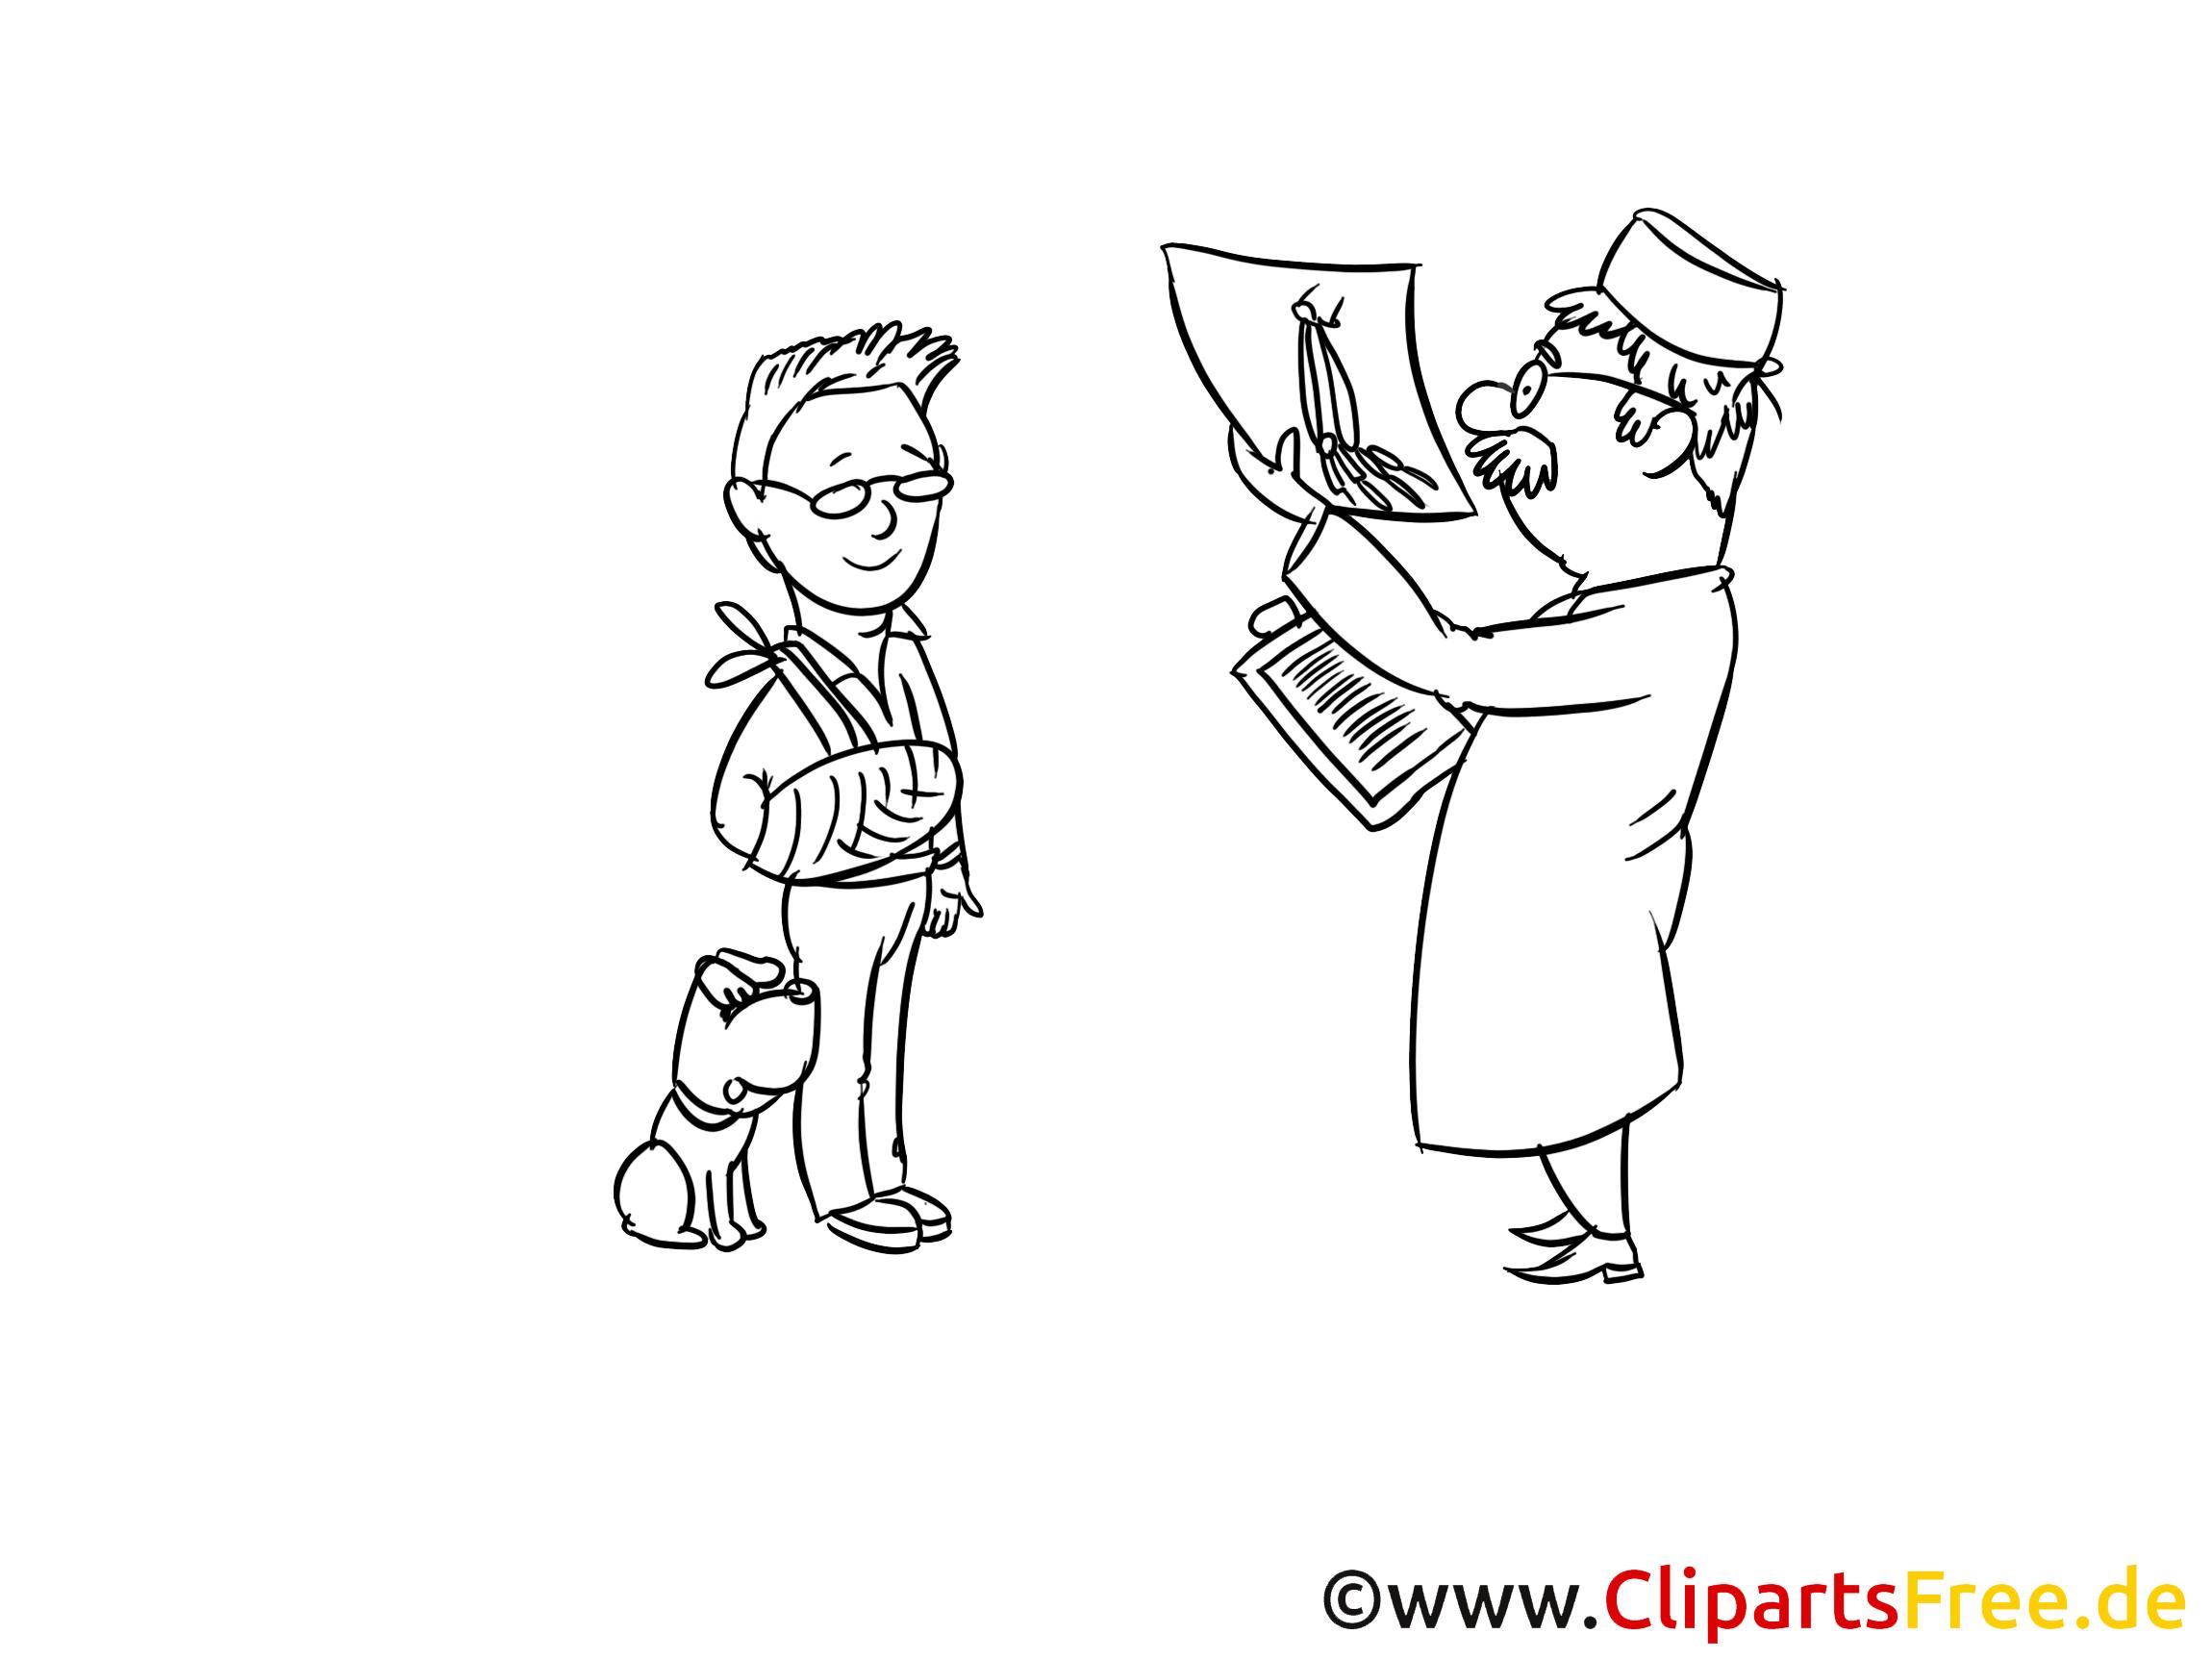 Illustration docteur à colorier - Médecine clipart